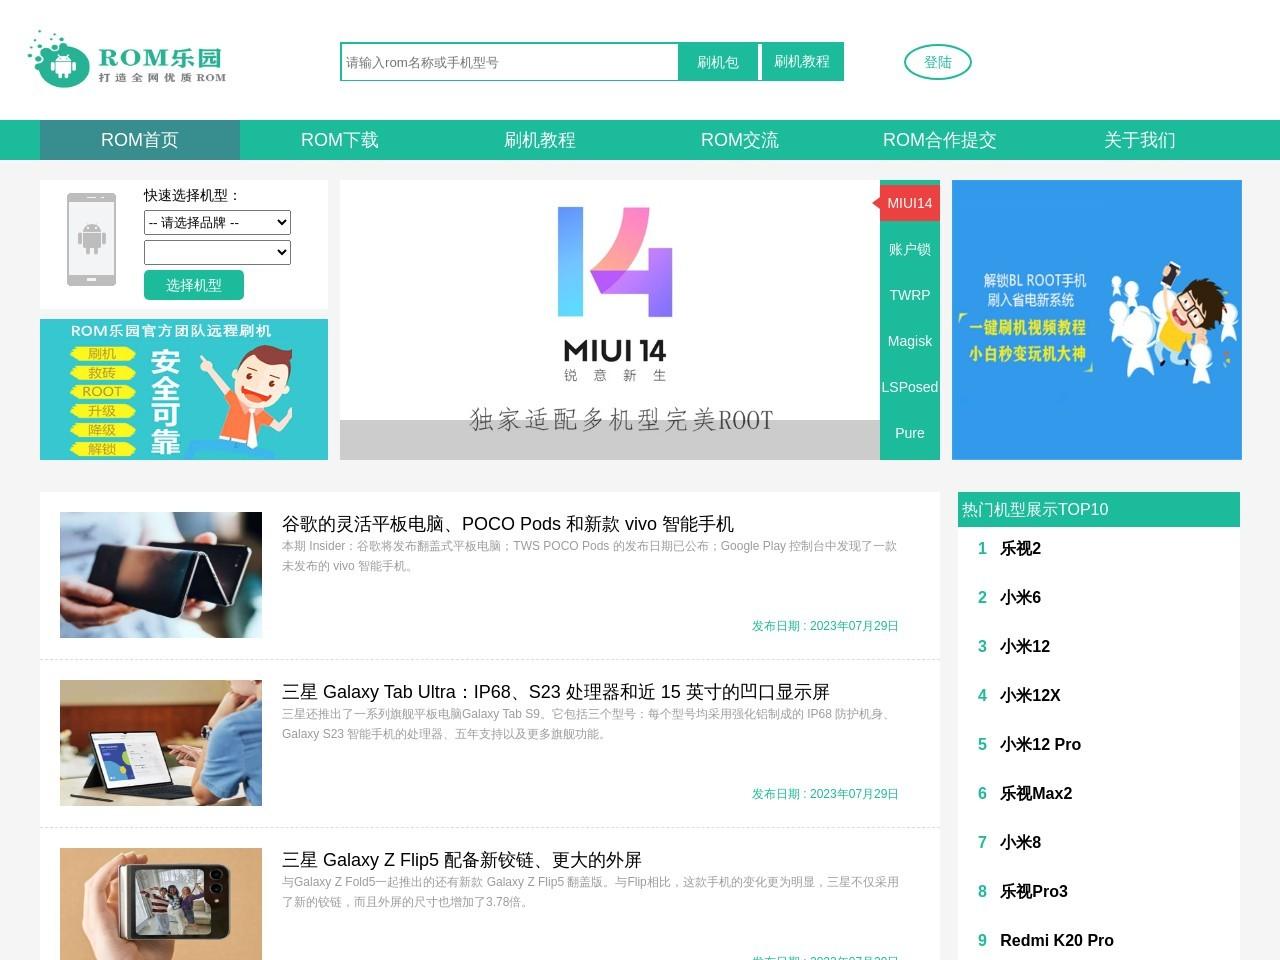 ROM乐园官网_专注于打造全网优质特色ROM刷机包下载官方网站